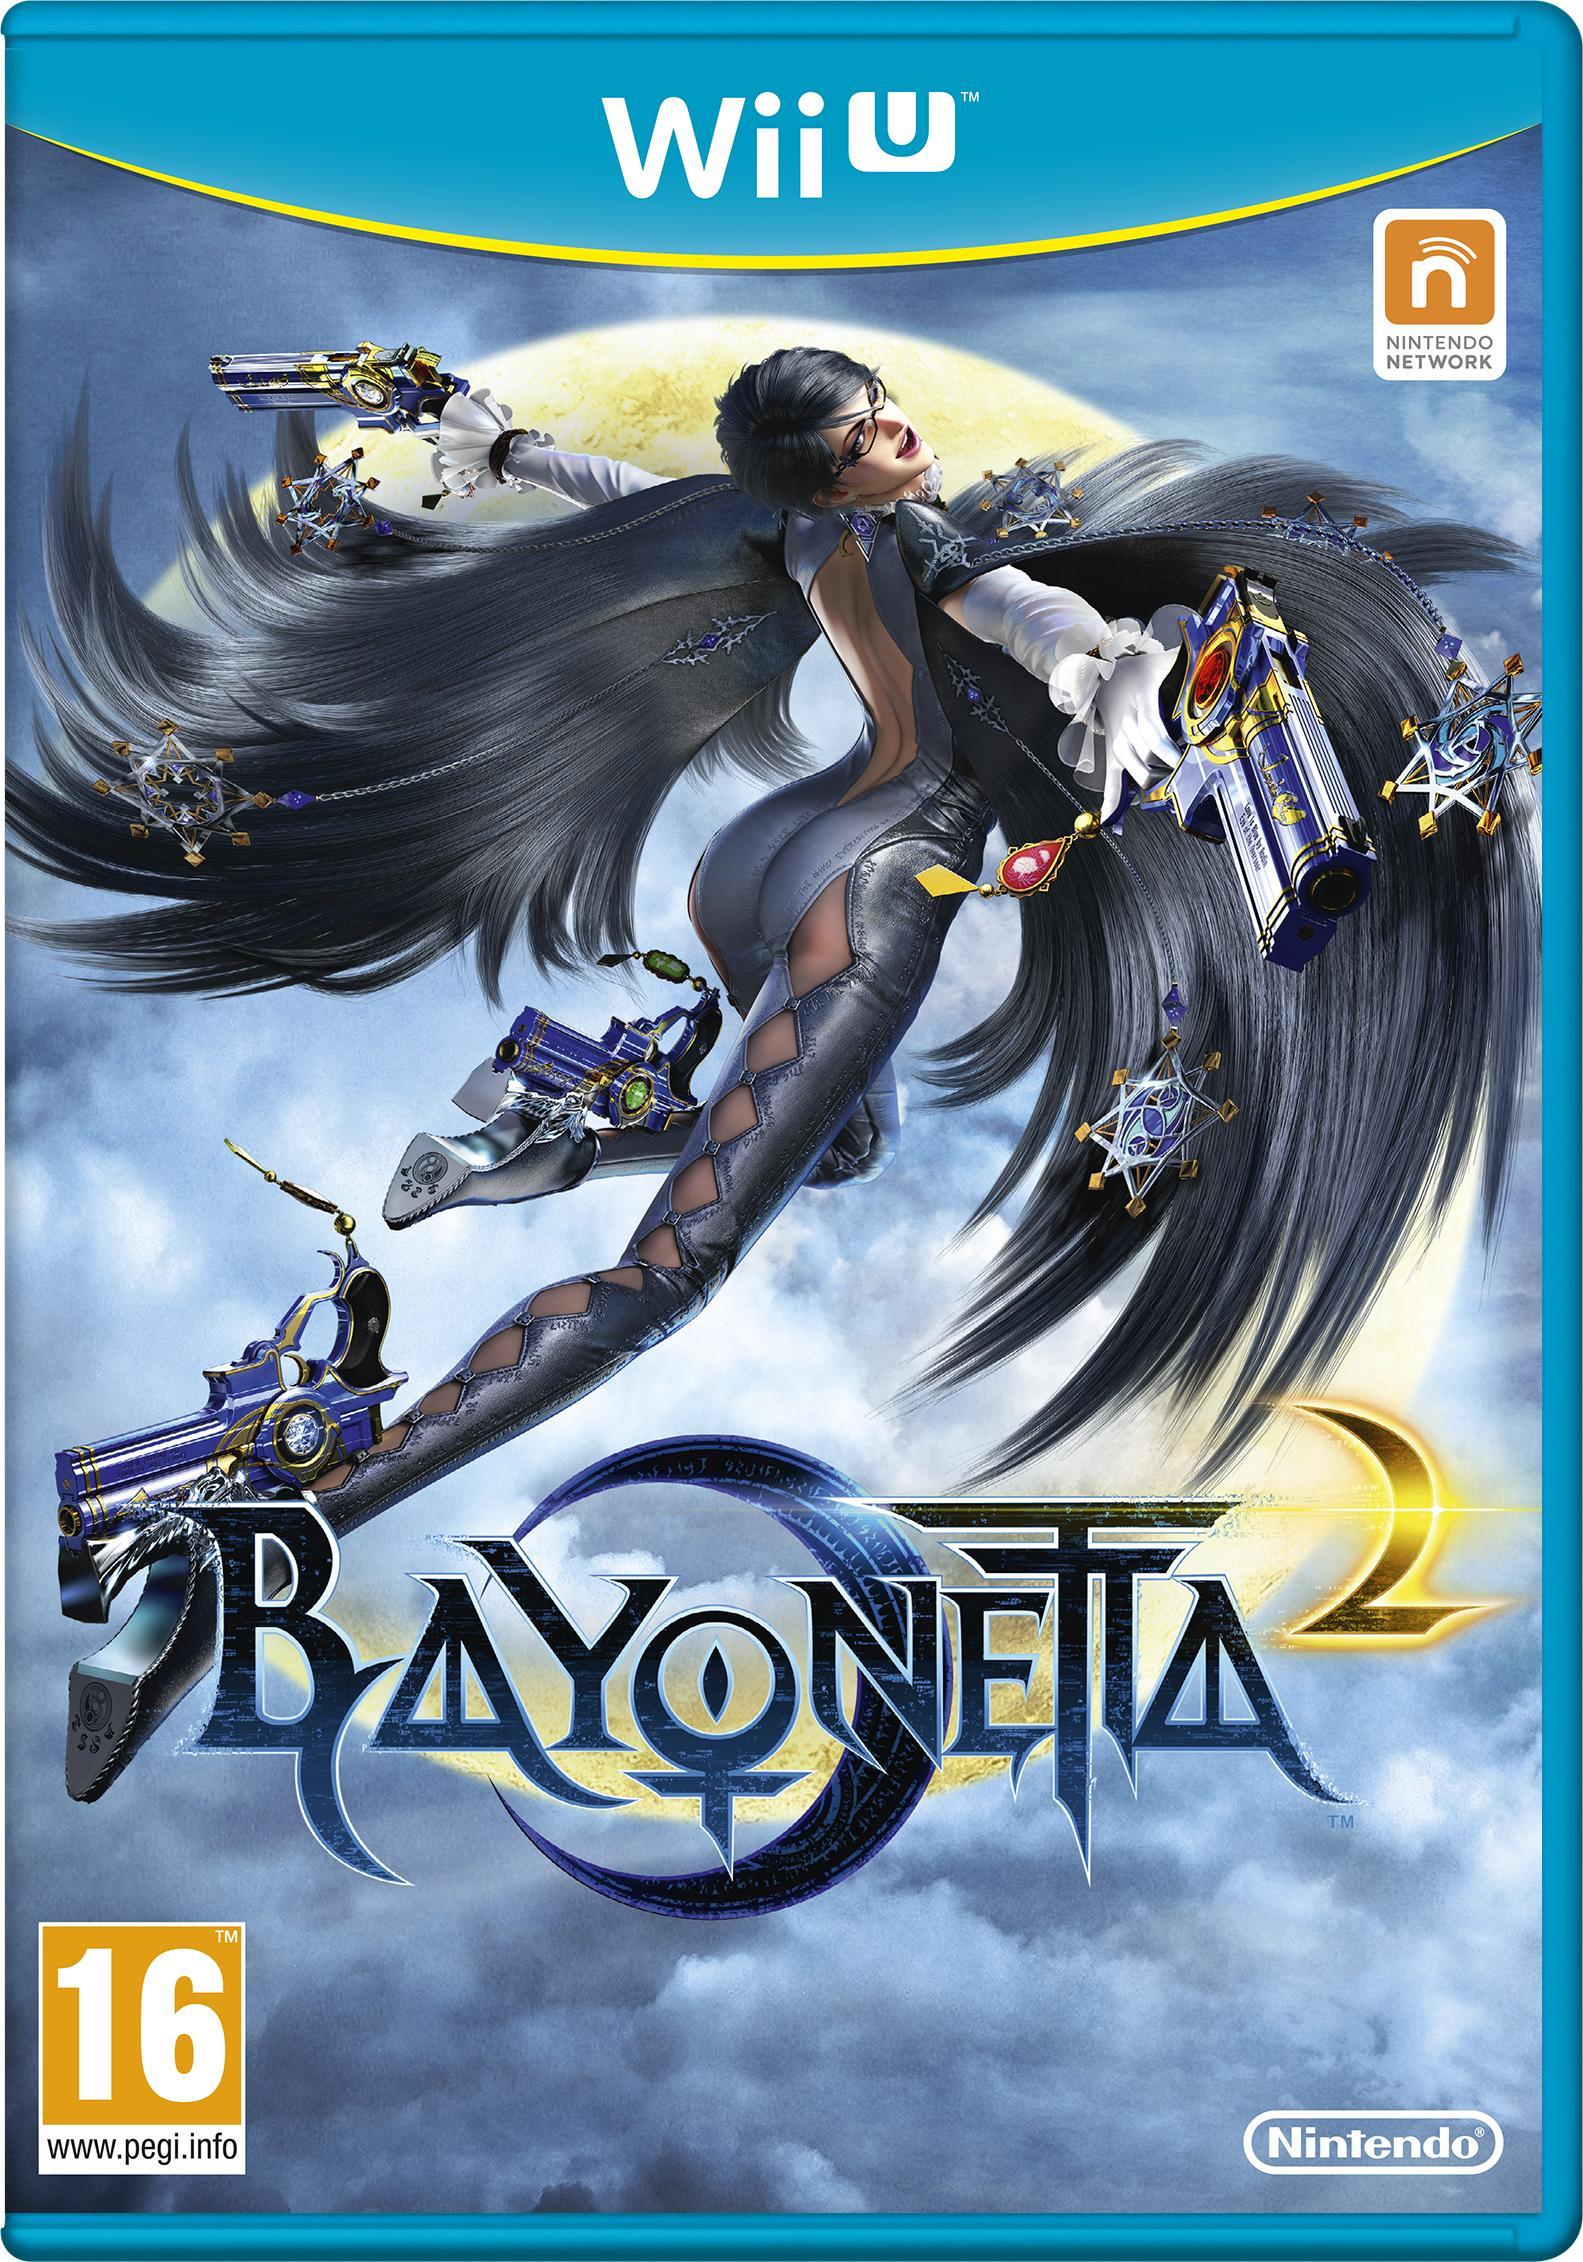 Sélection de jeux Wii U en promotion - Ex: Bayonetta 2